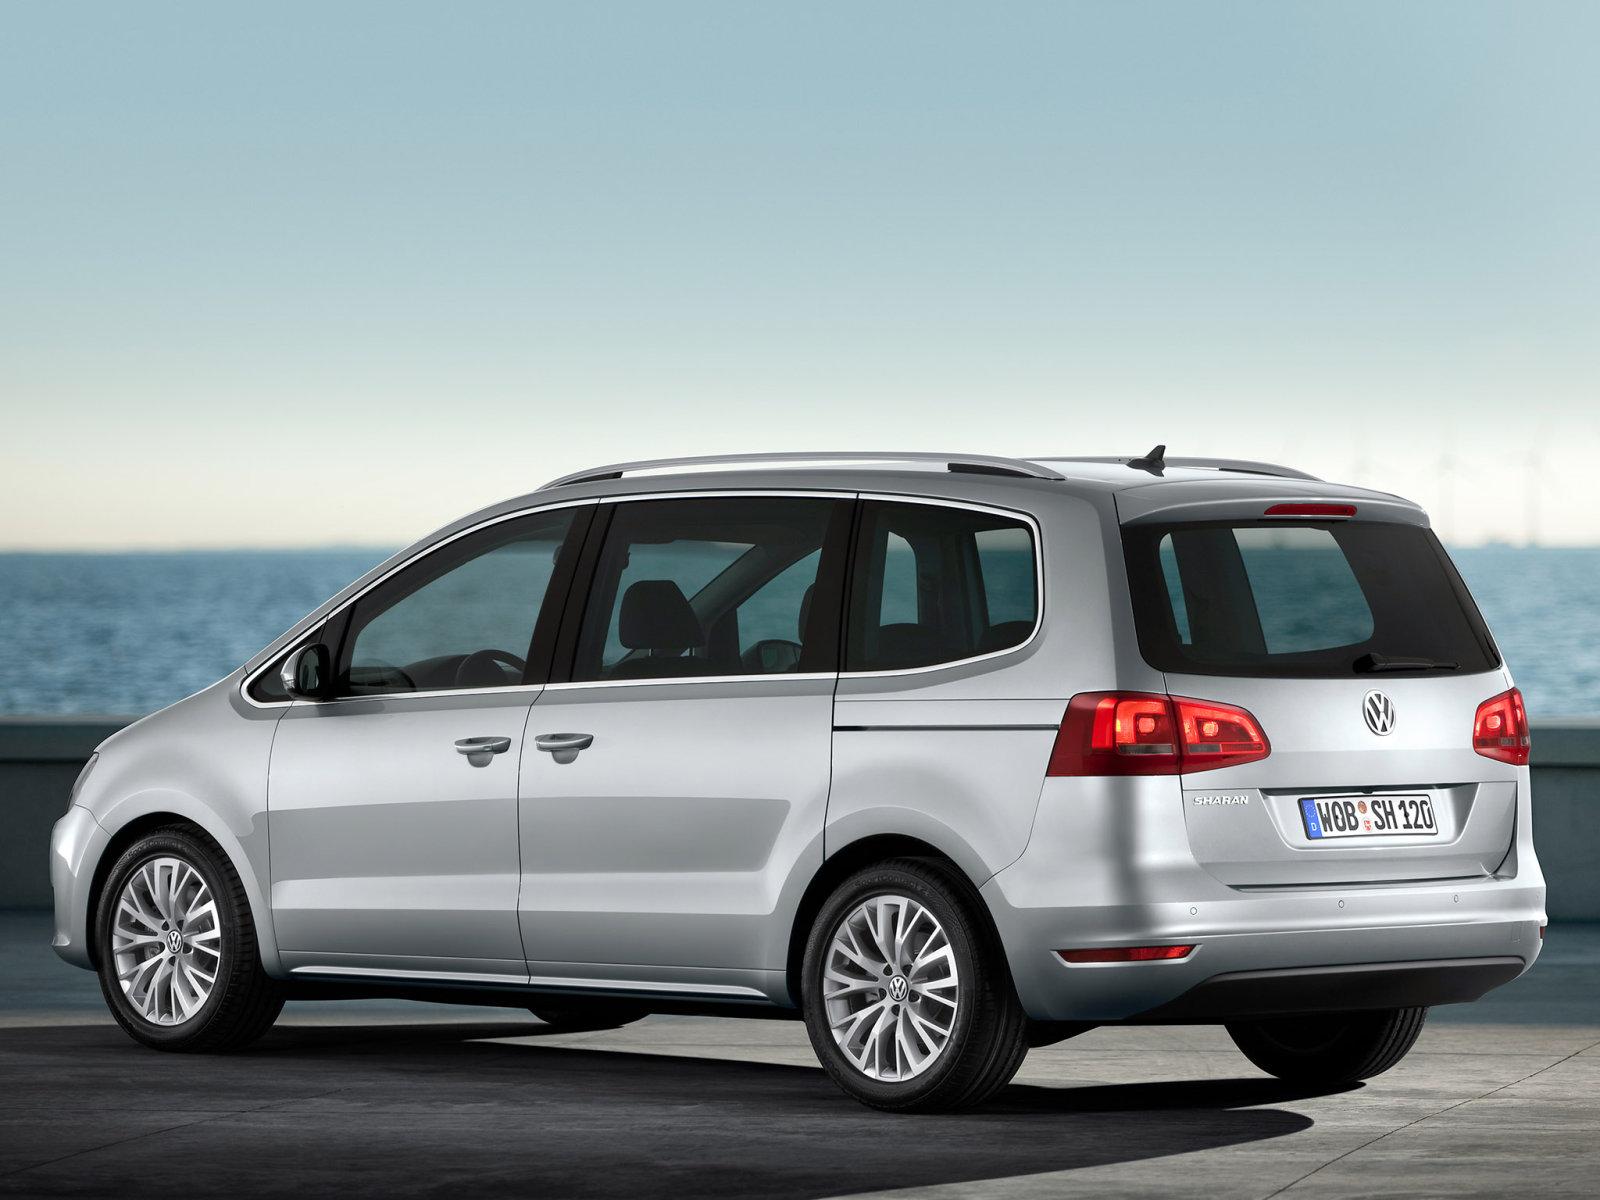 Фотографии нового Volkswagen выложили в сеть/02.03.2010.